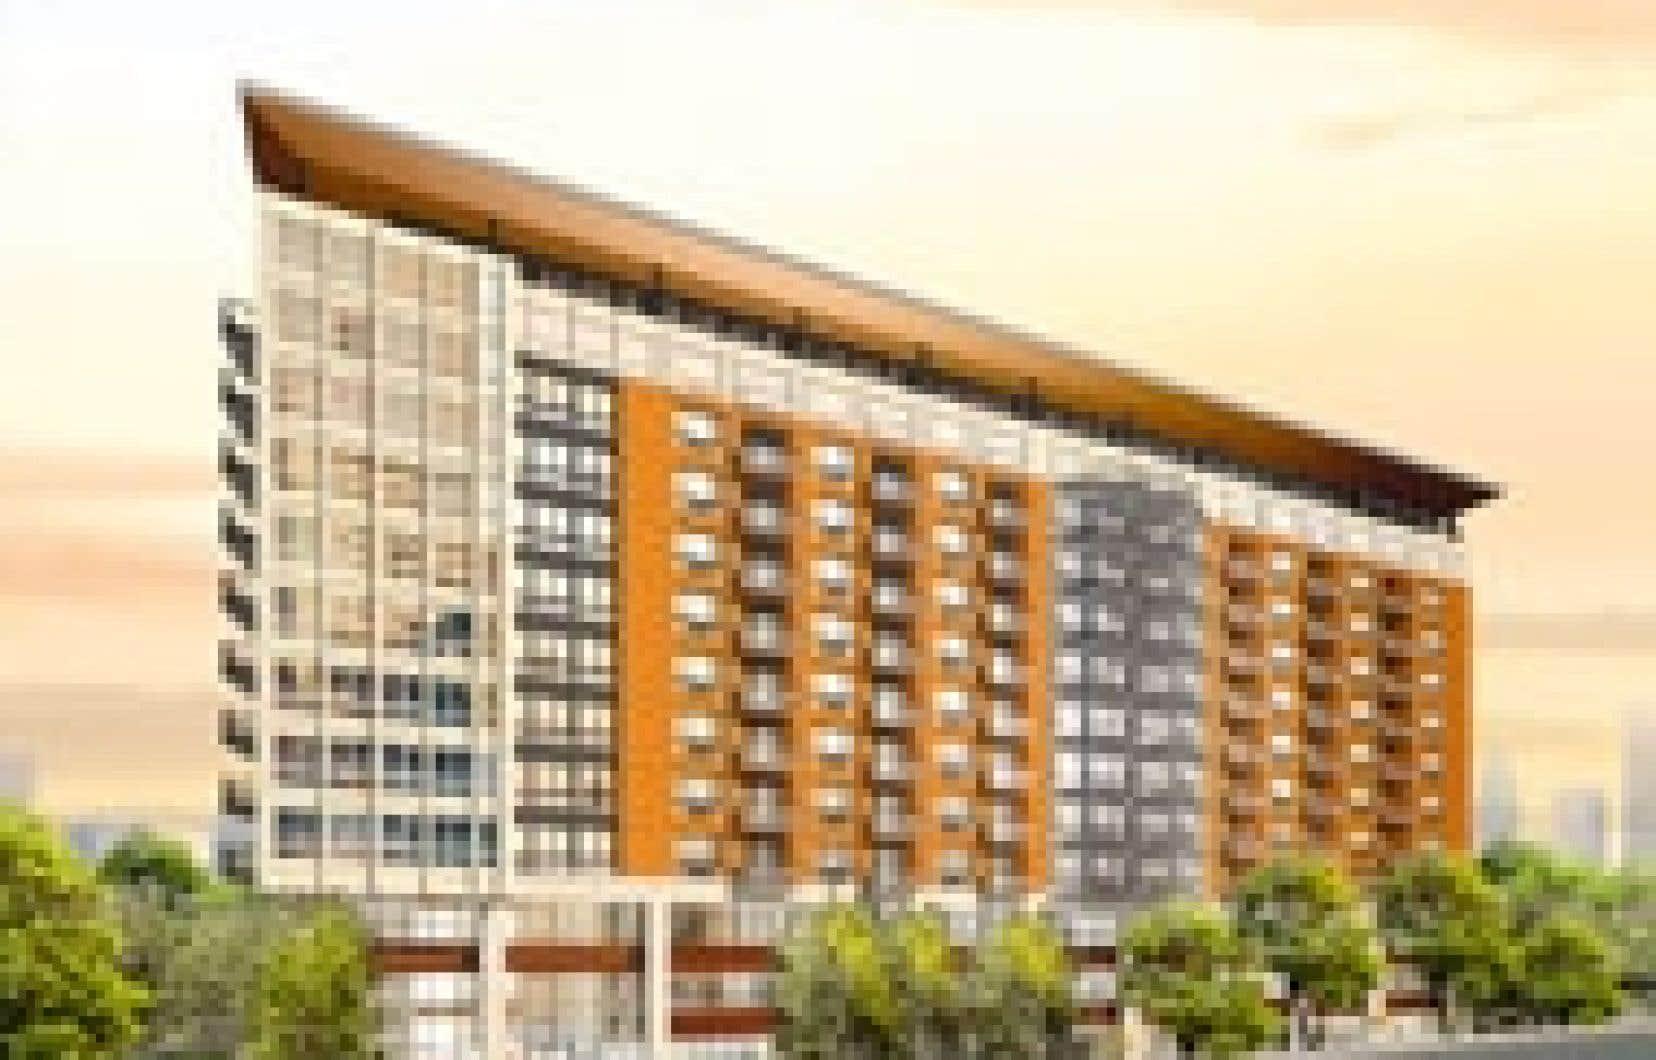 Élogia, un édifice de 12 étages situé à proximité de l'hôpital Maisonneuve-Rosemont, est un projet plus «haut de gamme» que la moyenne, selon le promoteur.  Source: Groupe Maurice